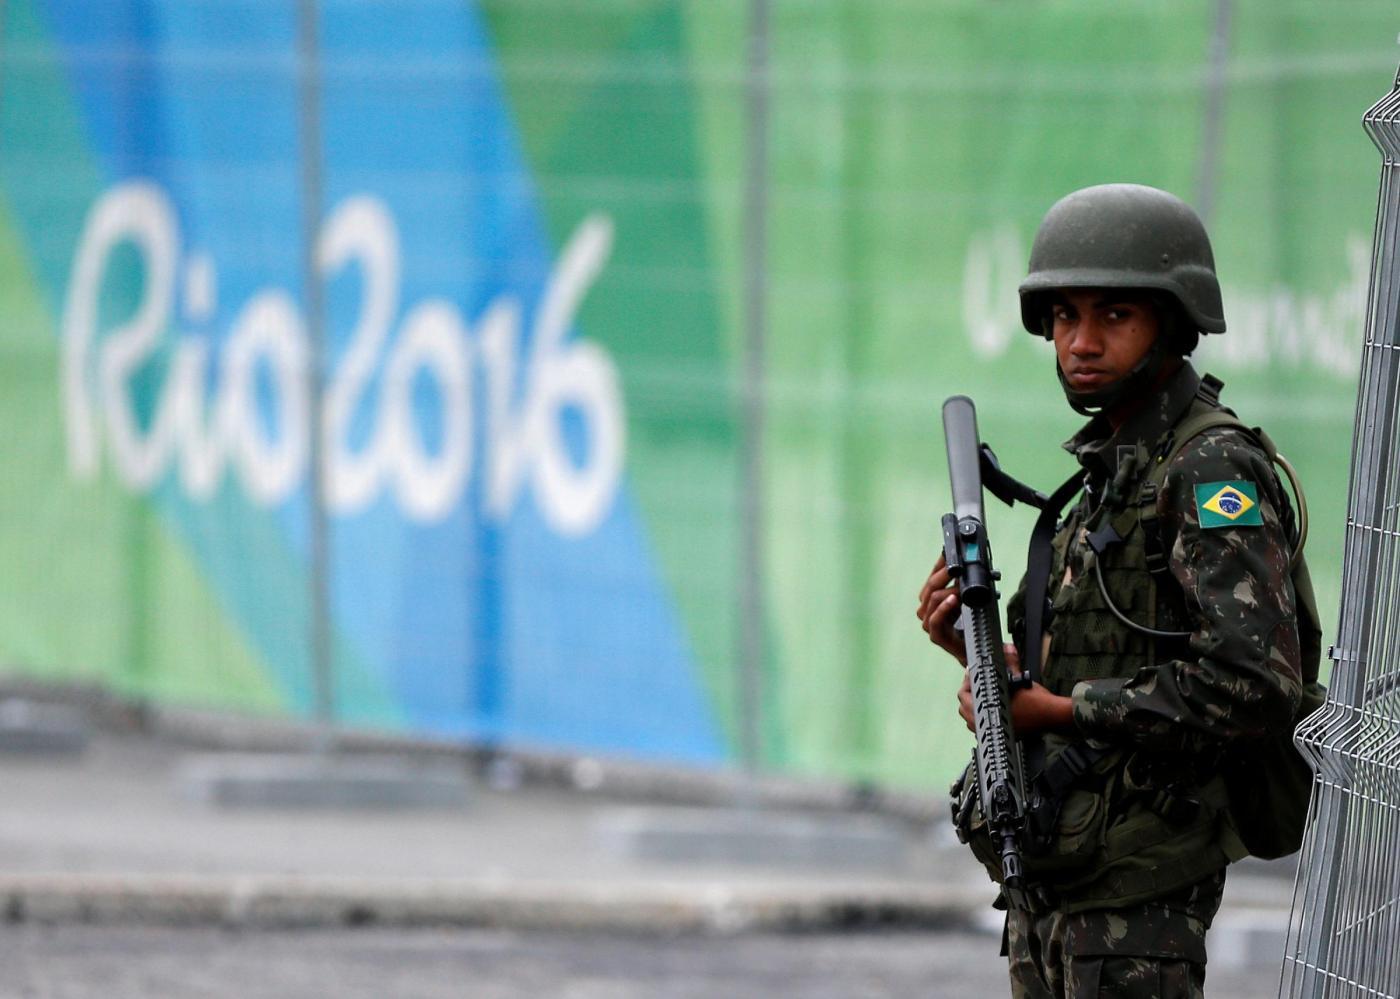 Rio de Janeiro, corpi speciali dell'esercito sorvegliano i siti olimpici